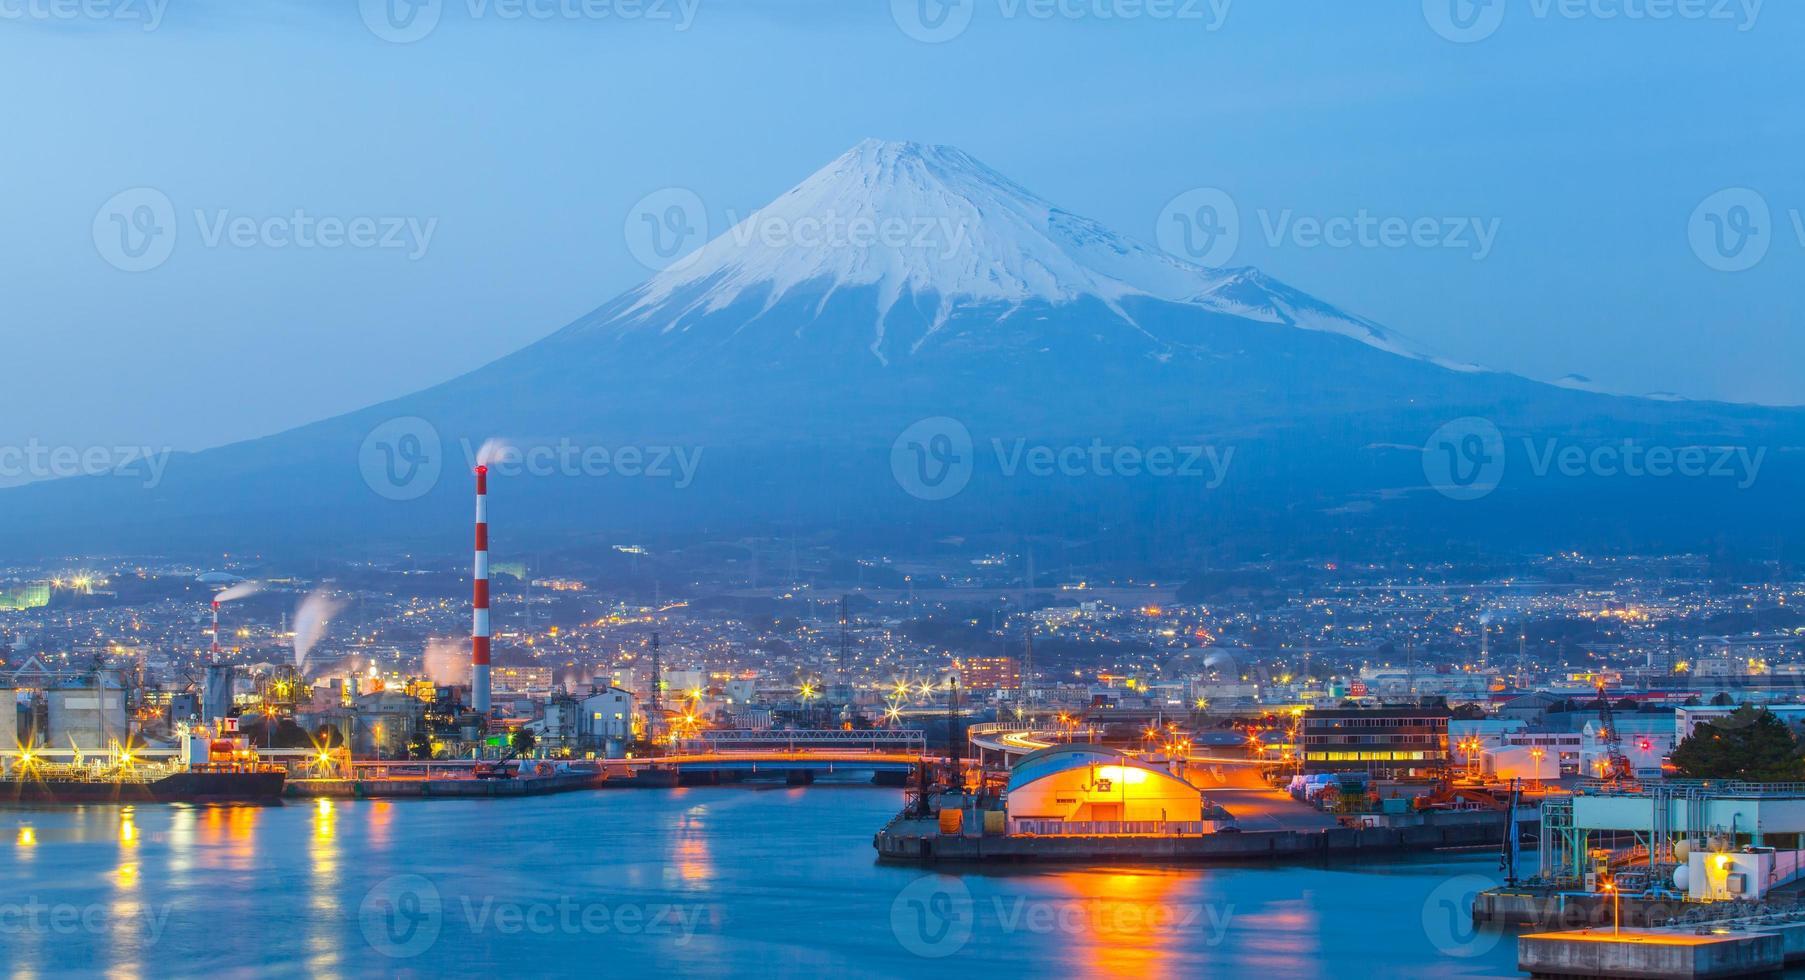 japanische Industriezone und Berg Fuji in der Präfektur Shizuoka foto